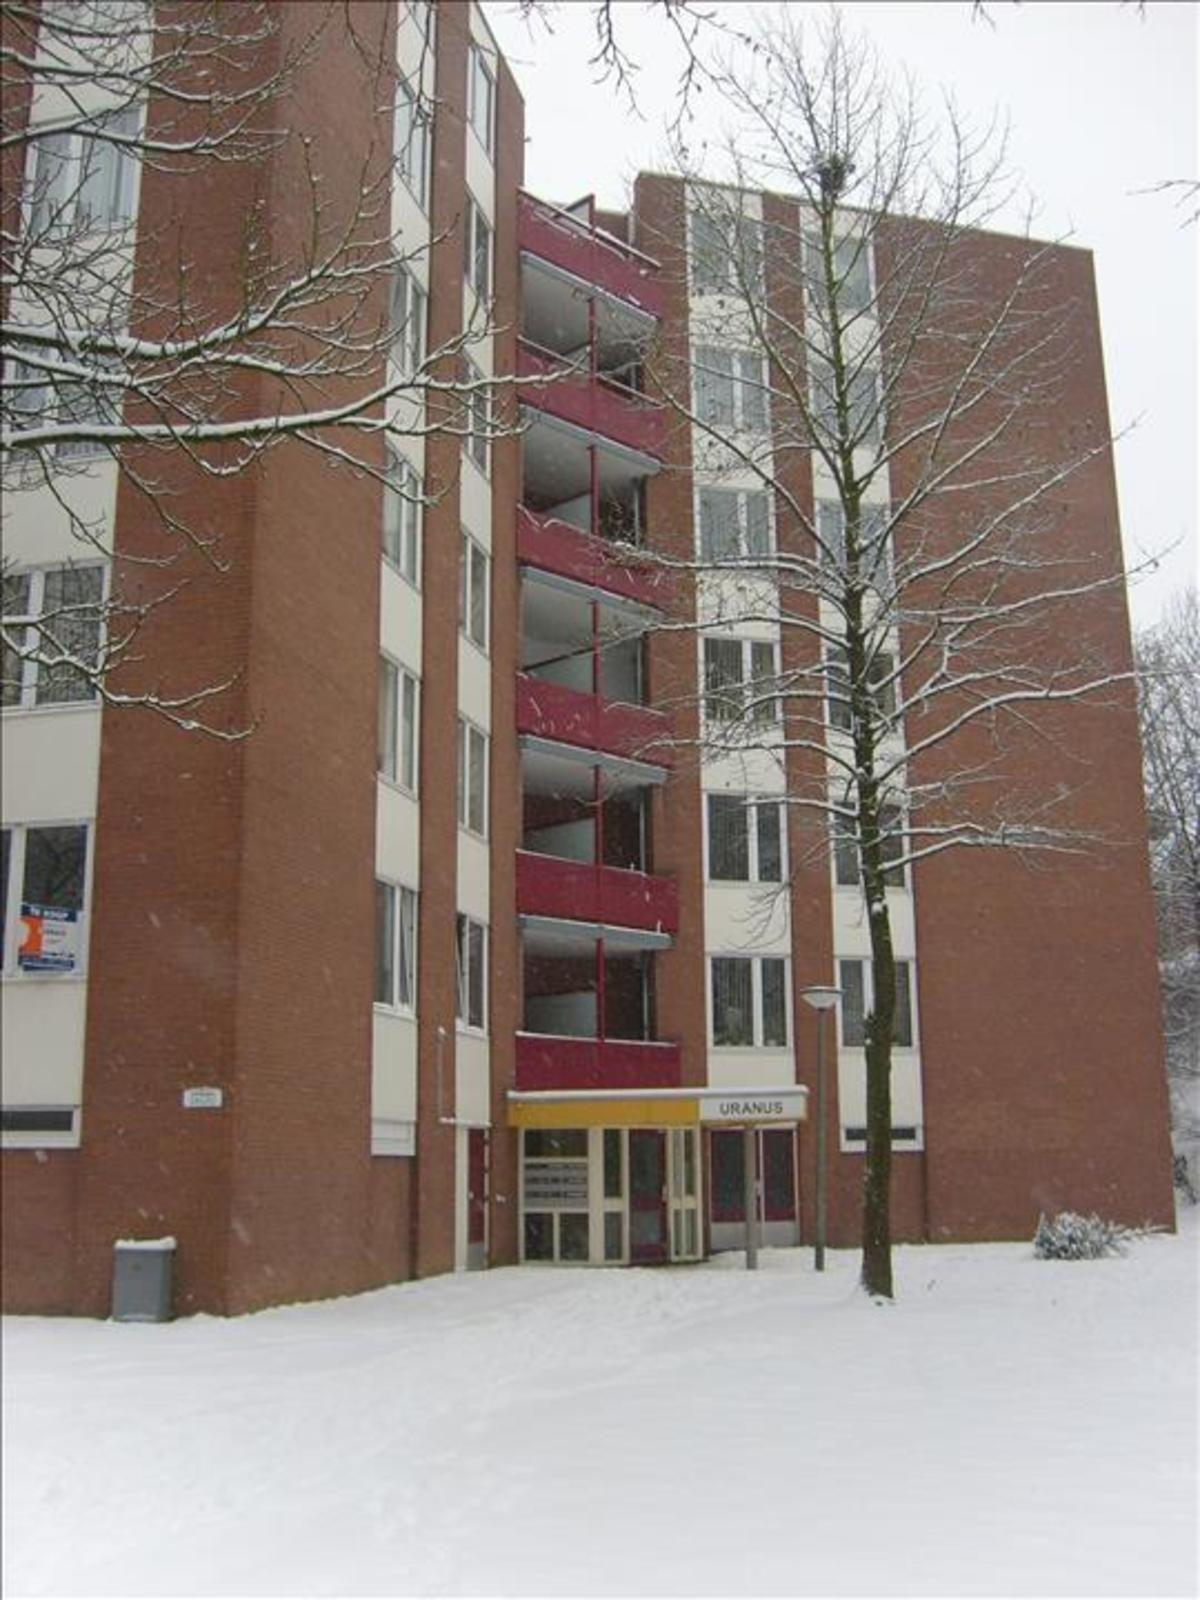 Berghofstraat 78, Eygelshoven